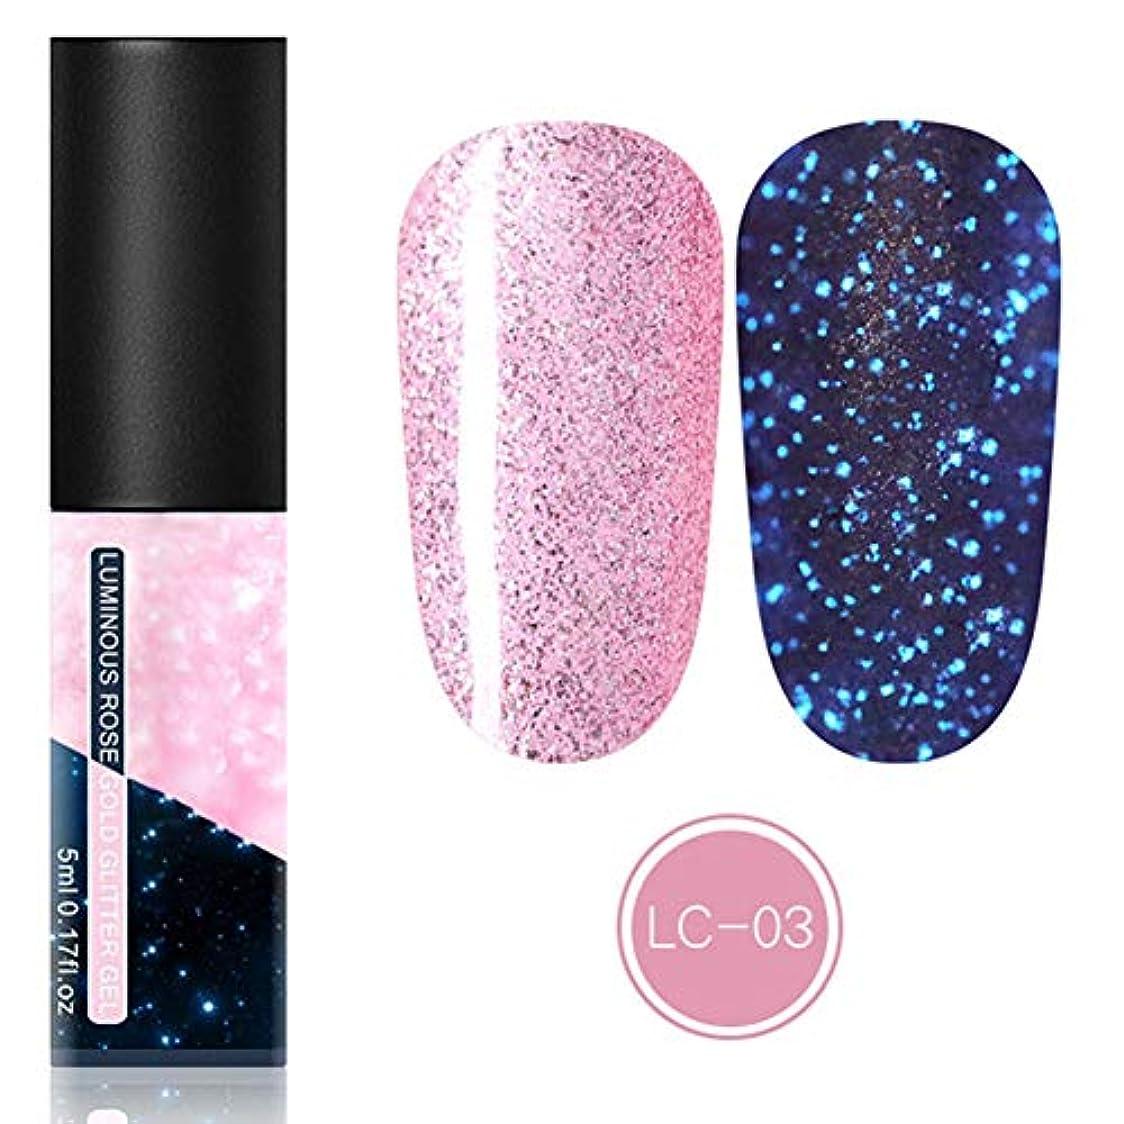 速記手首ゴムfeelingood Gel Nail Polish,Fluorescent Gel Nail Polish Glow in Dark Nail Enamel Varnish Gel Manicure Supply